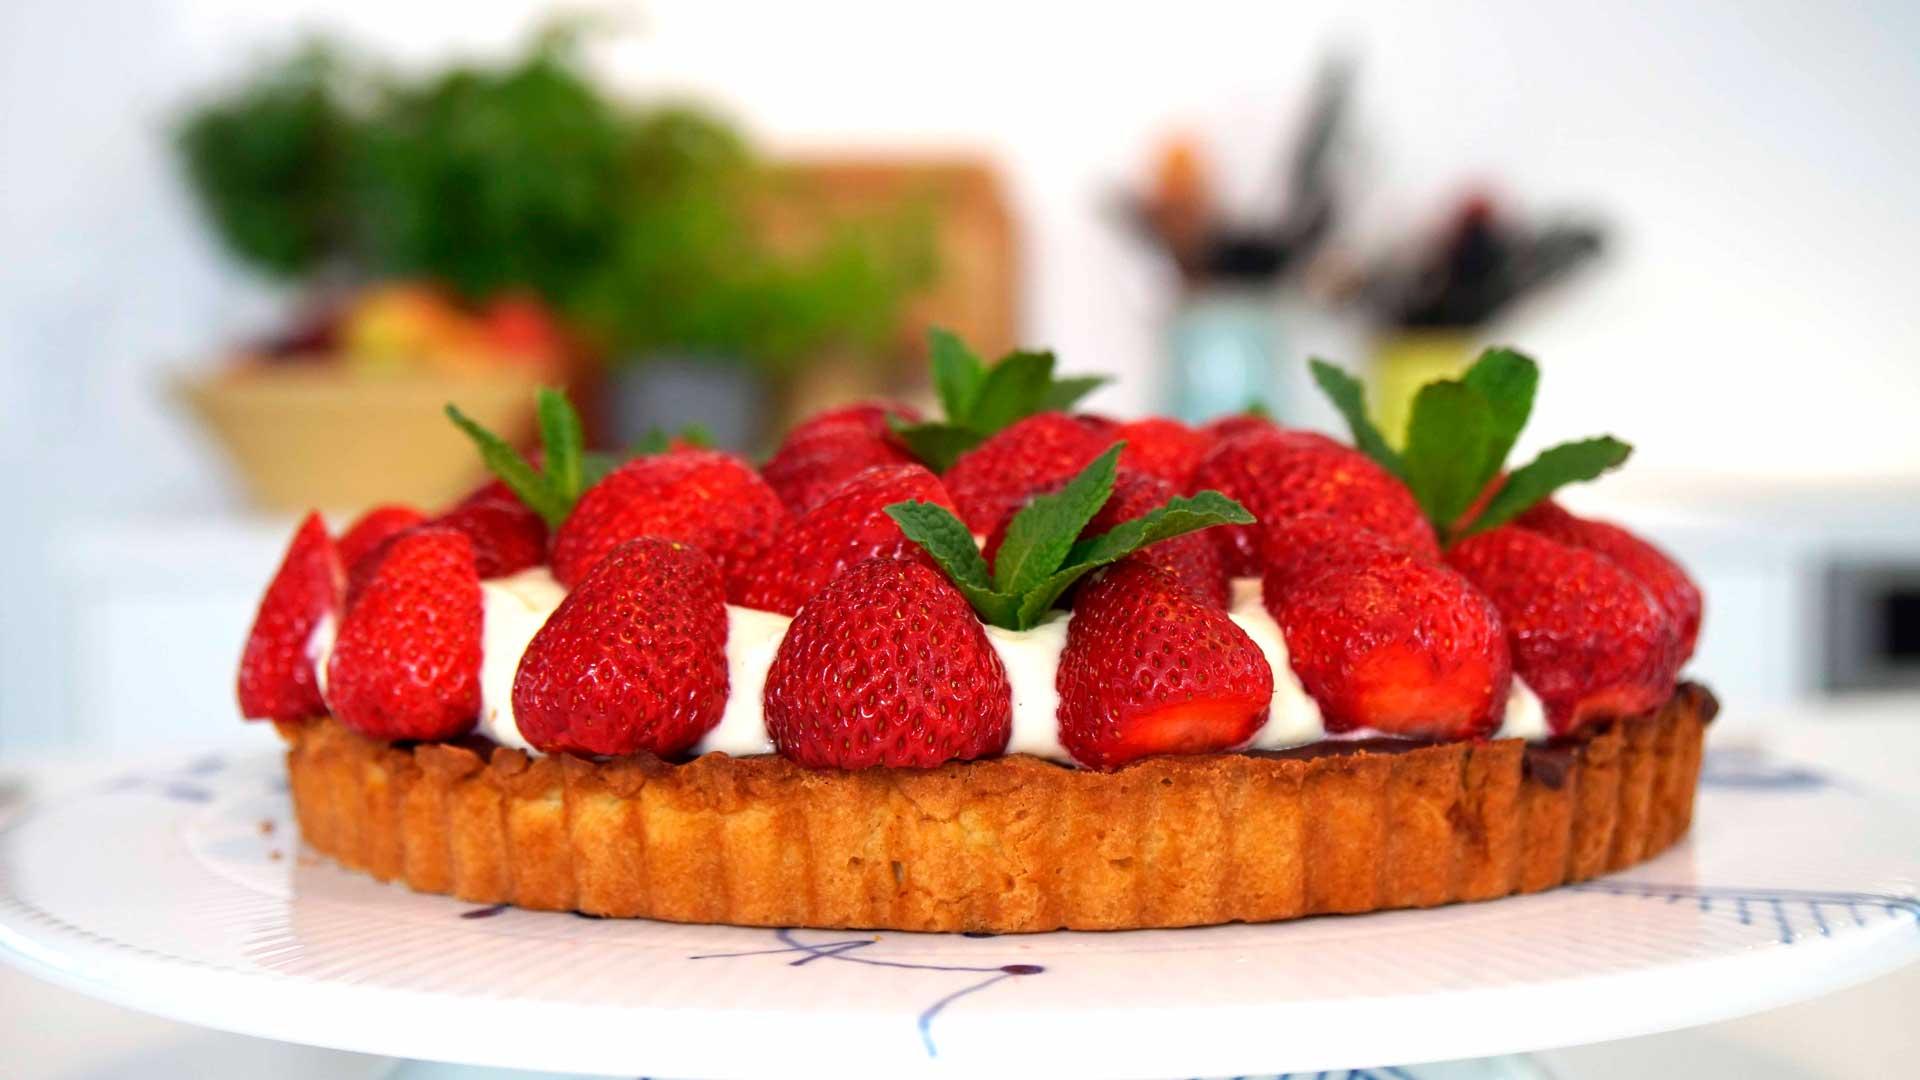 Alletiders Kogebog Jordbærtærte jordbærtærte | verdens bedste sommerkage - foodtv